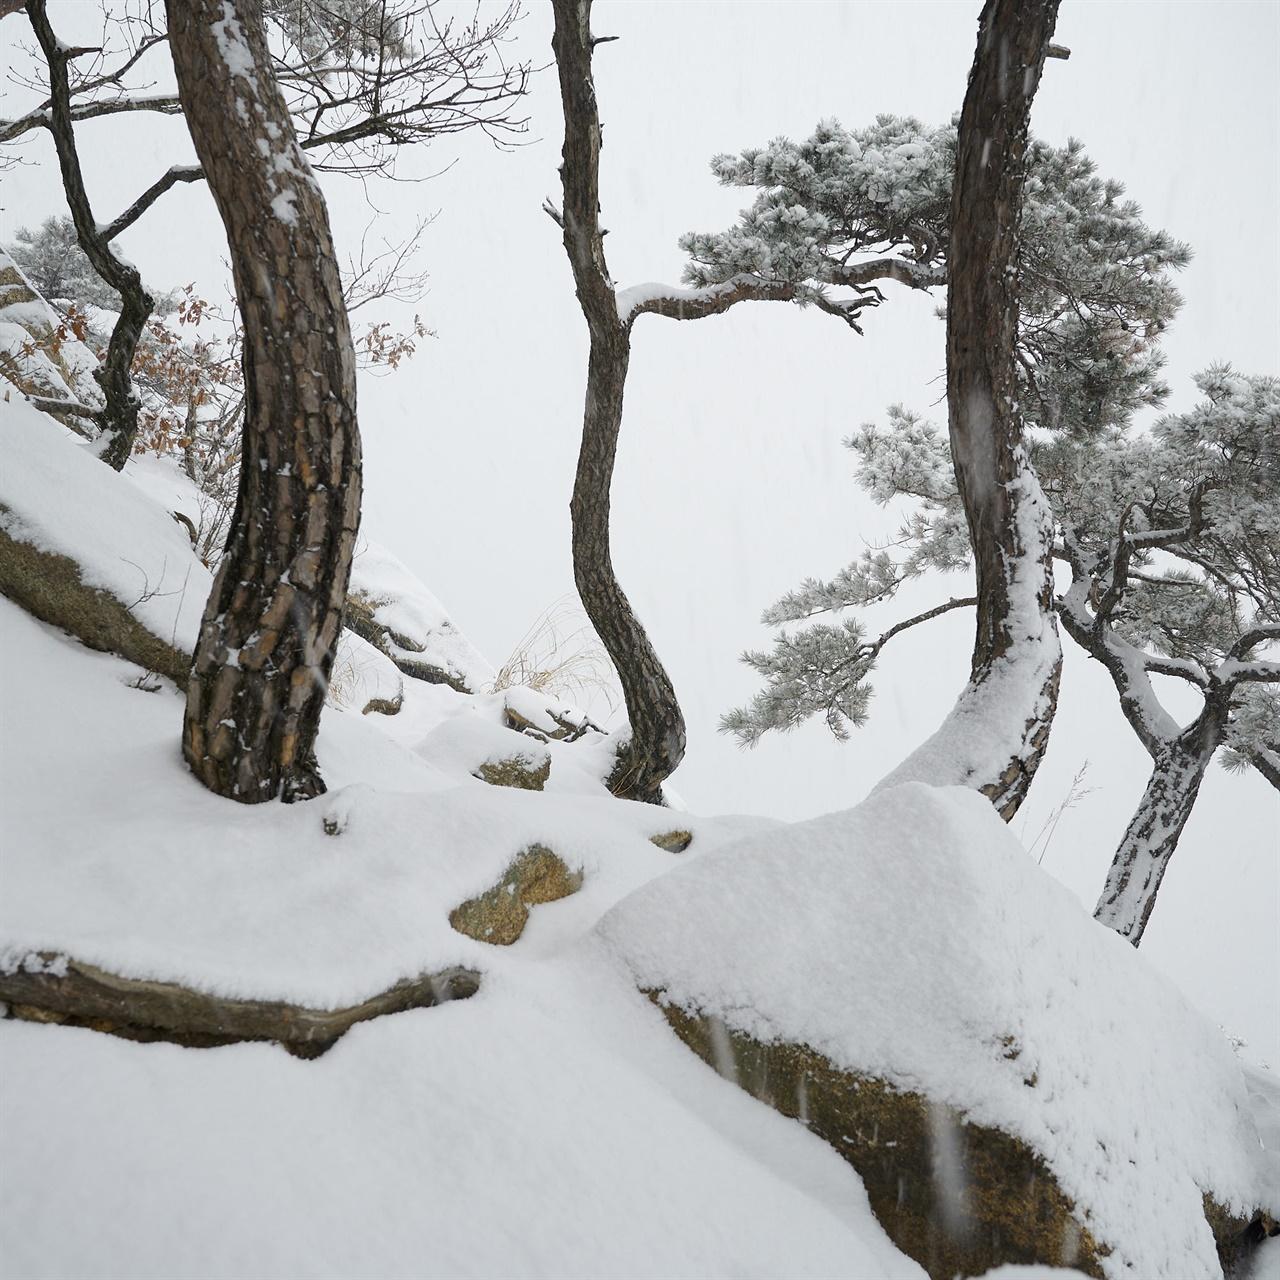 같은 방향을 향해 파도 모양을 이루며 서있는 이 세 그루의 나무를 보라, 아무래도 같은 가족인 듯하다.